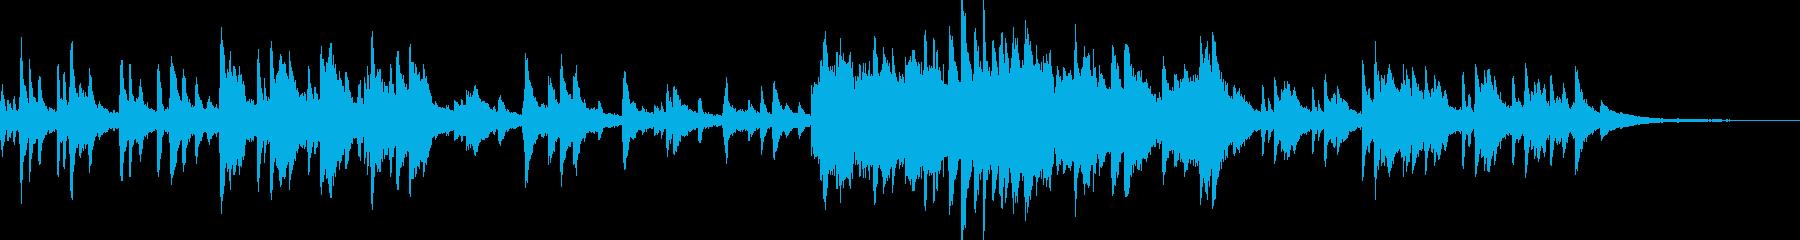 幻想的で切ないピアノ曲の再生済みの波形